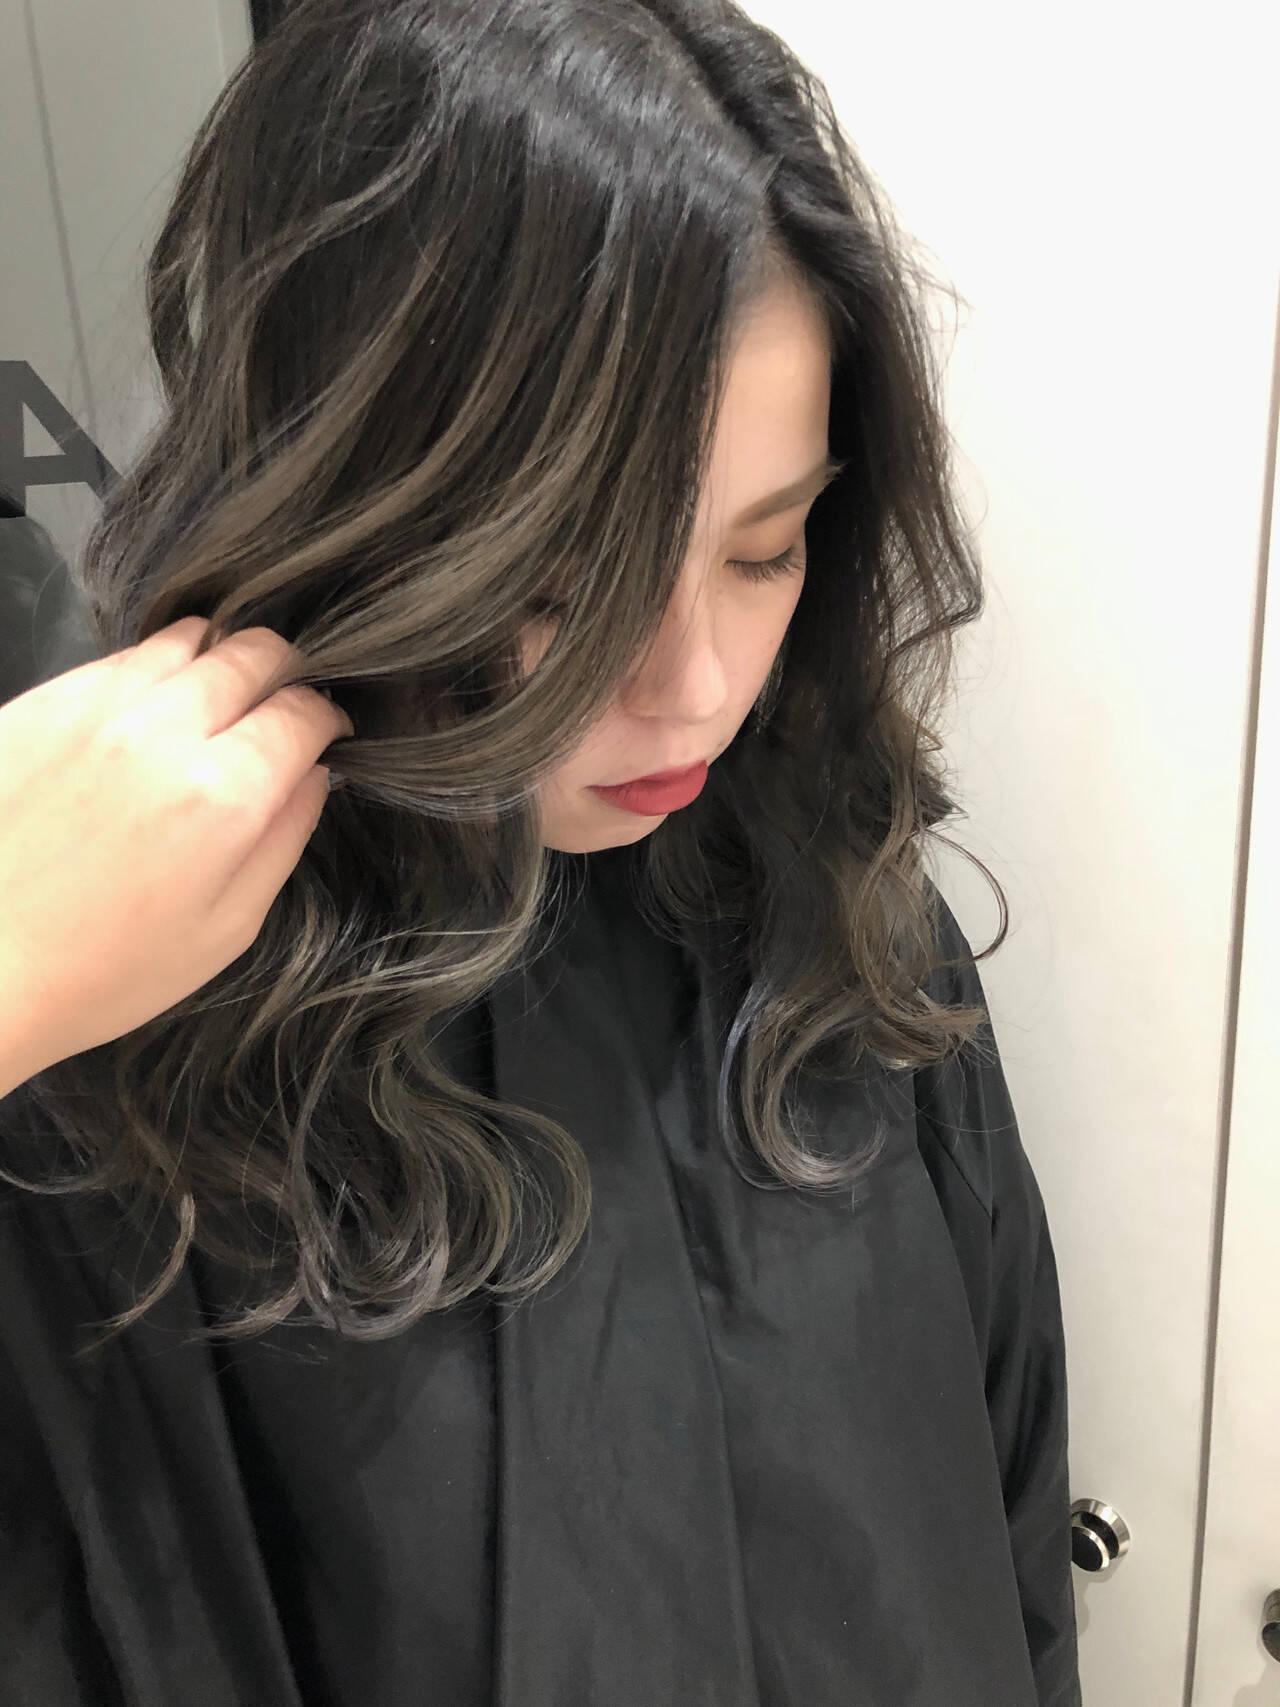 ミルクティーベージュ エレガント ロング バレイヤージュヘアスタイルや髪型の写真・画像